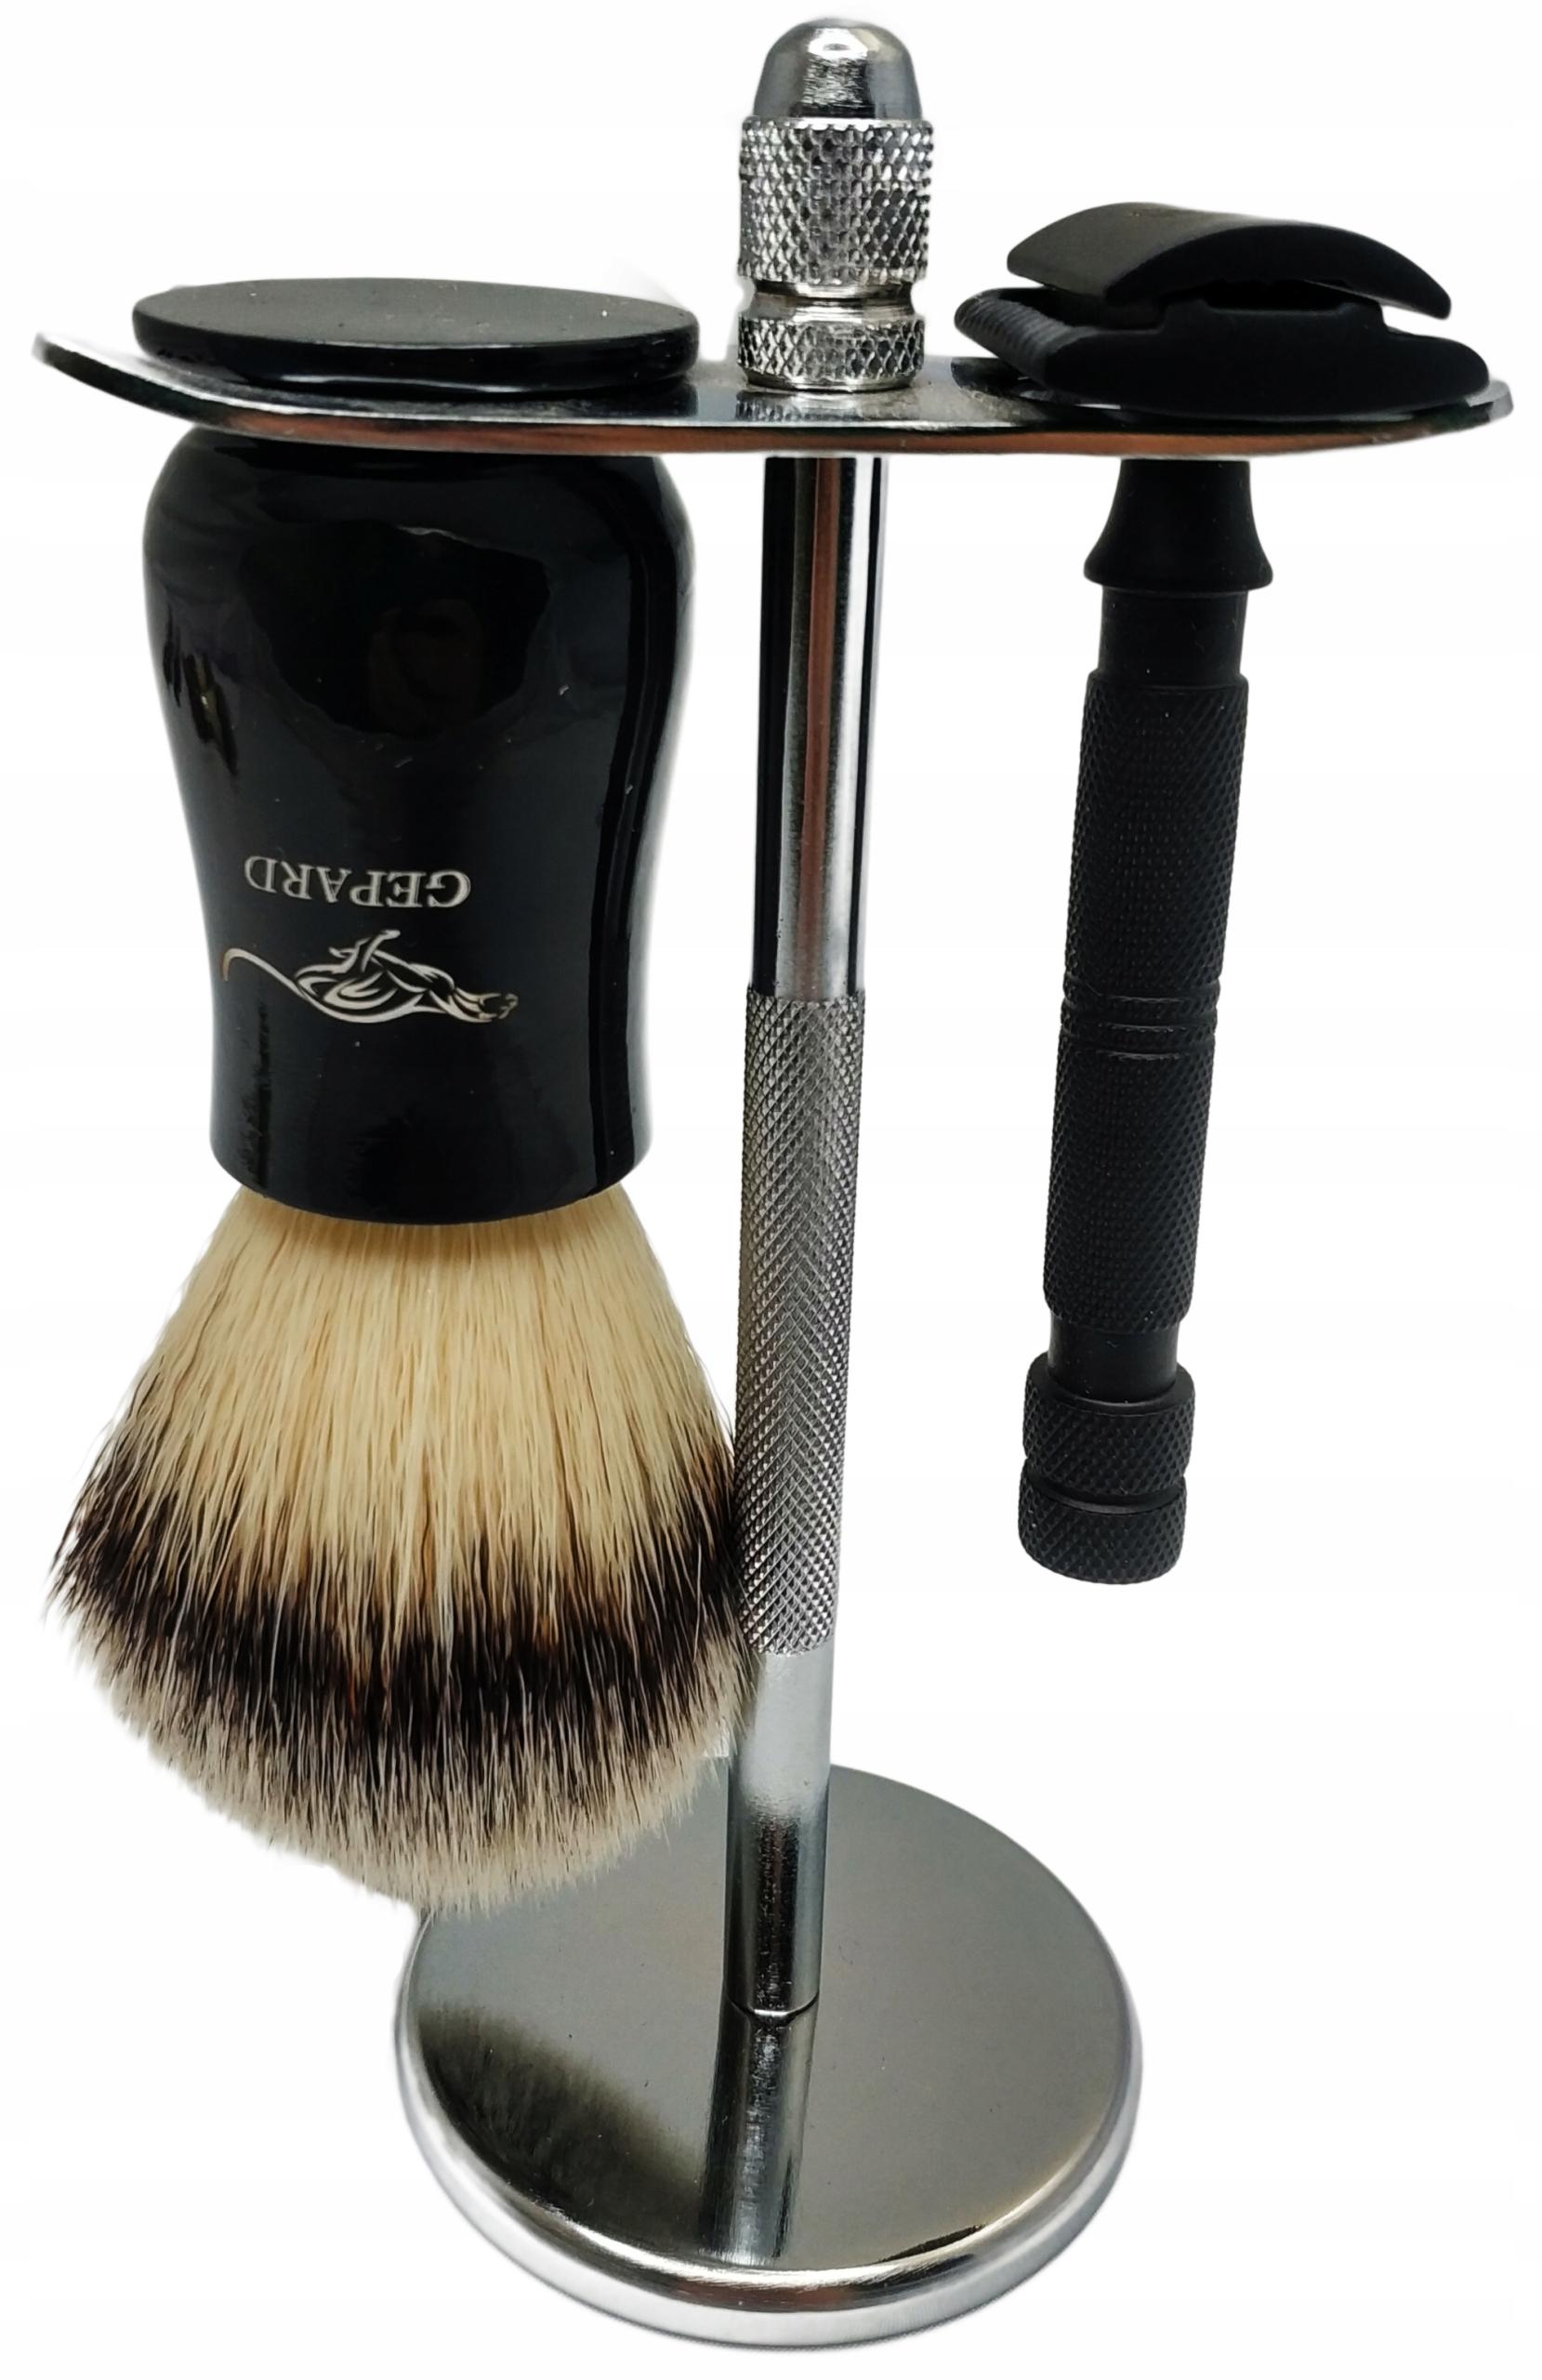 Zestaw Do Golenia Maszynka Pędzel Stojak Barber 12